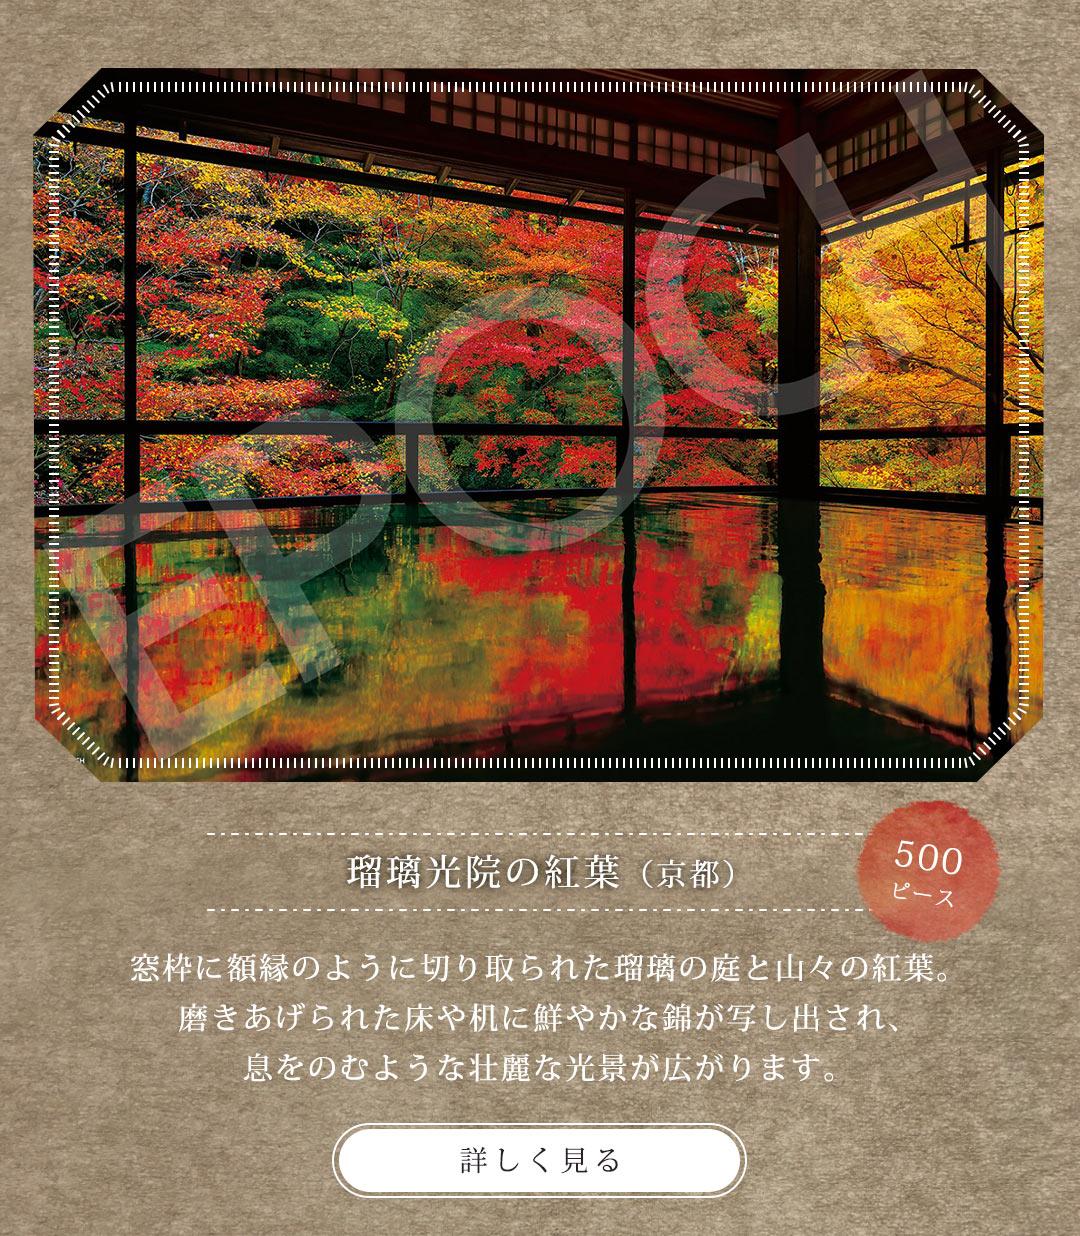 風景 瑠璃光院の紅葉 -京都 500ピース